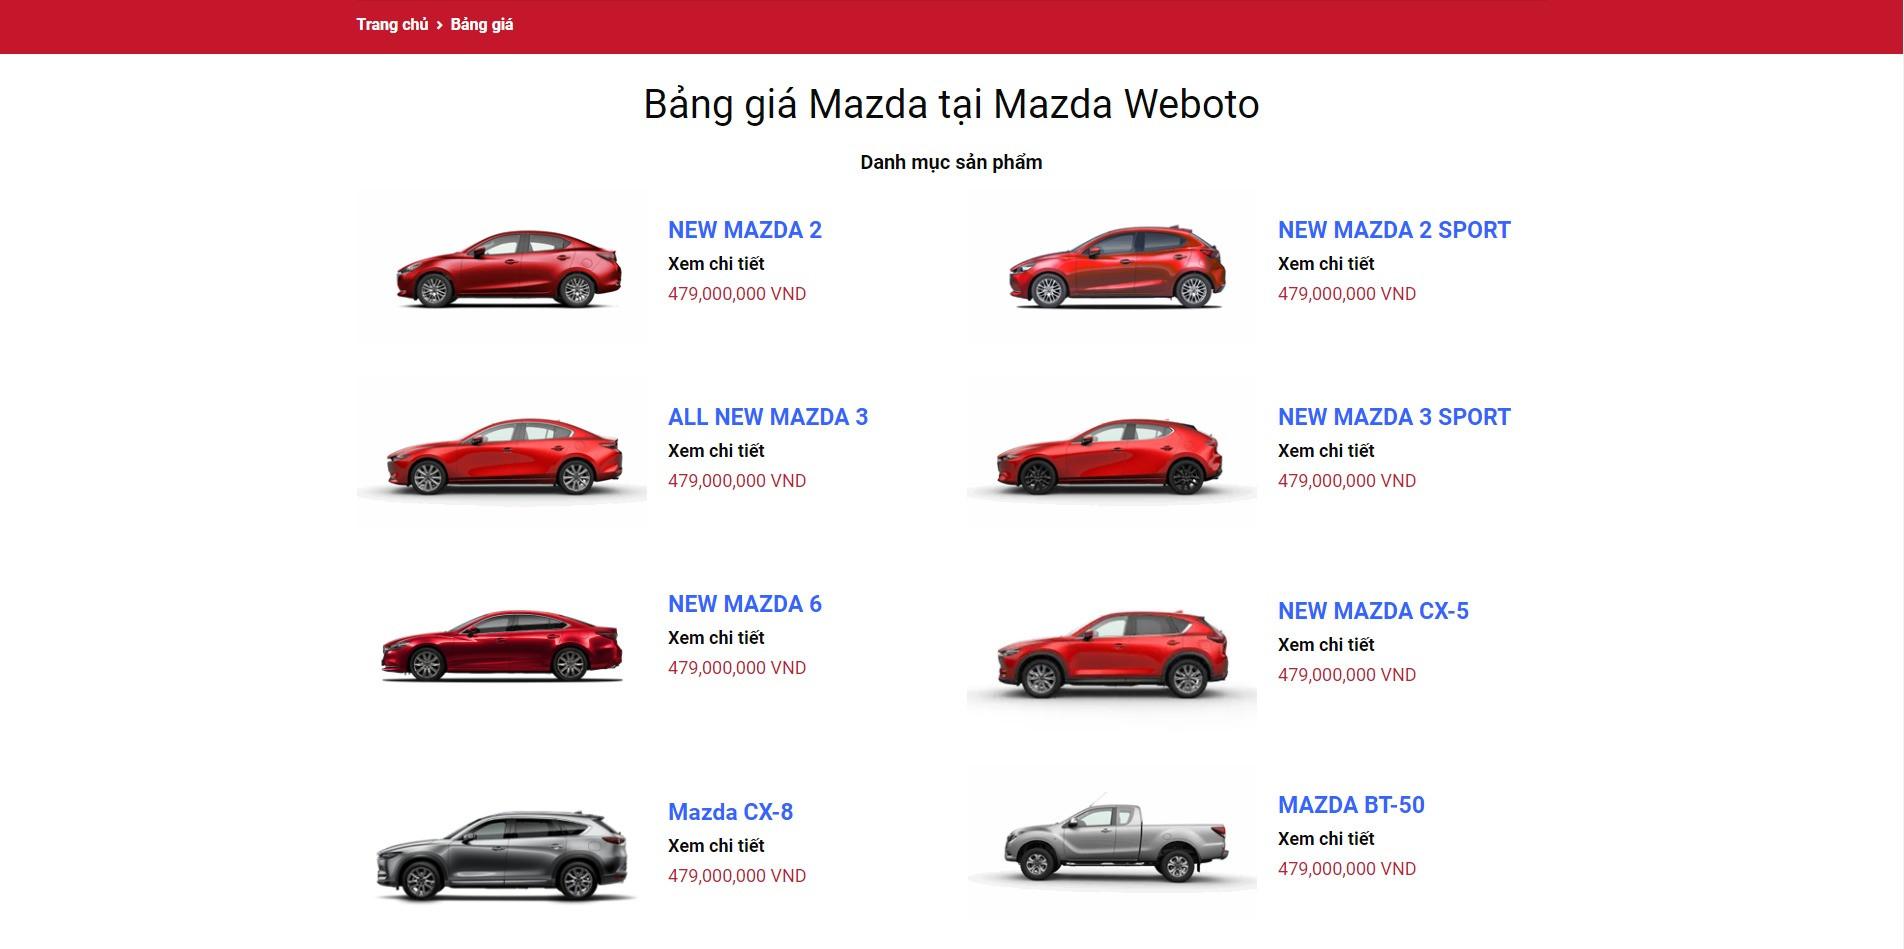 Trang bảng giá Website ô tô Mazda